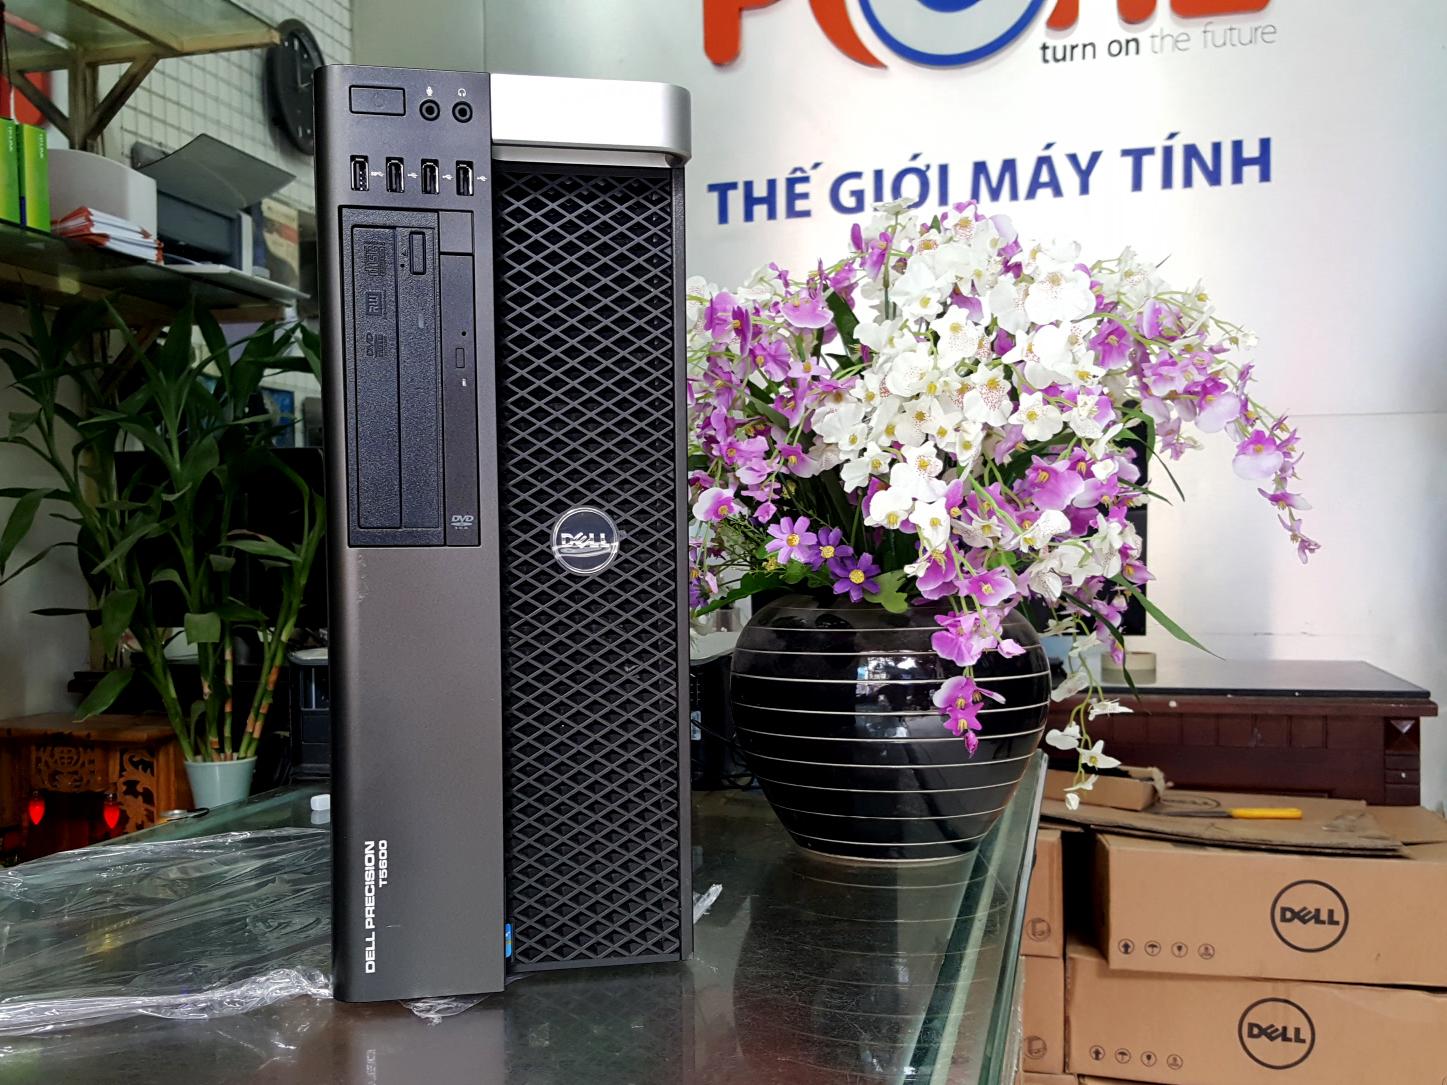 Dell Precision T5600 Khuyến mãi